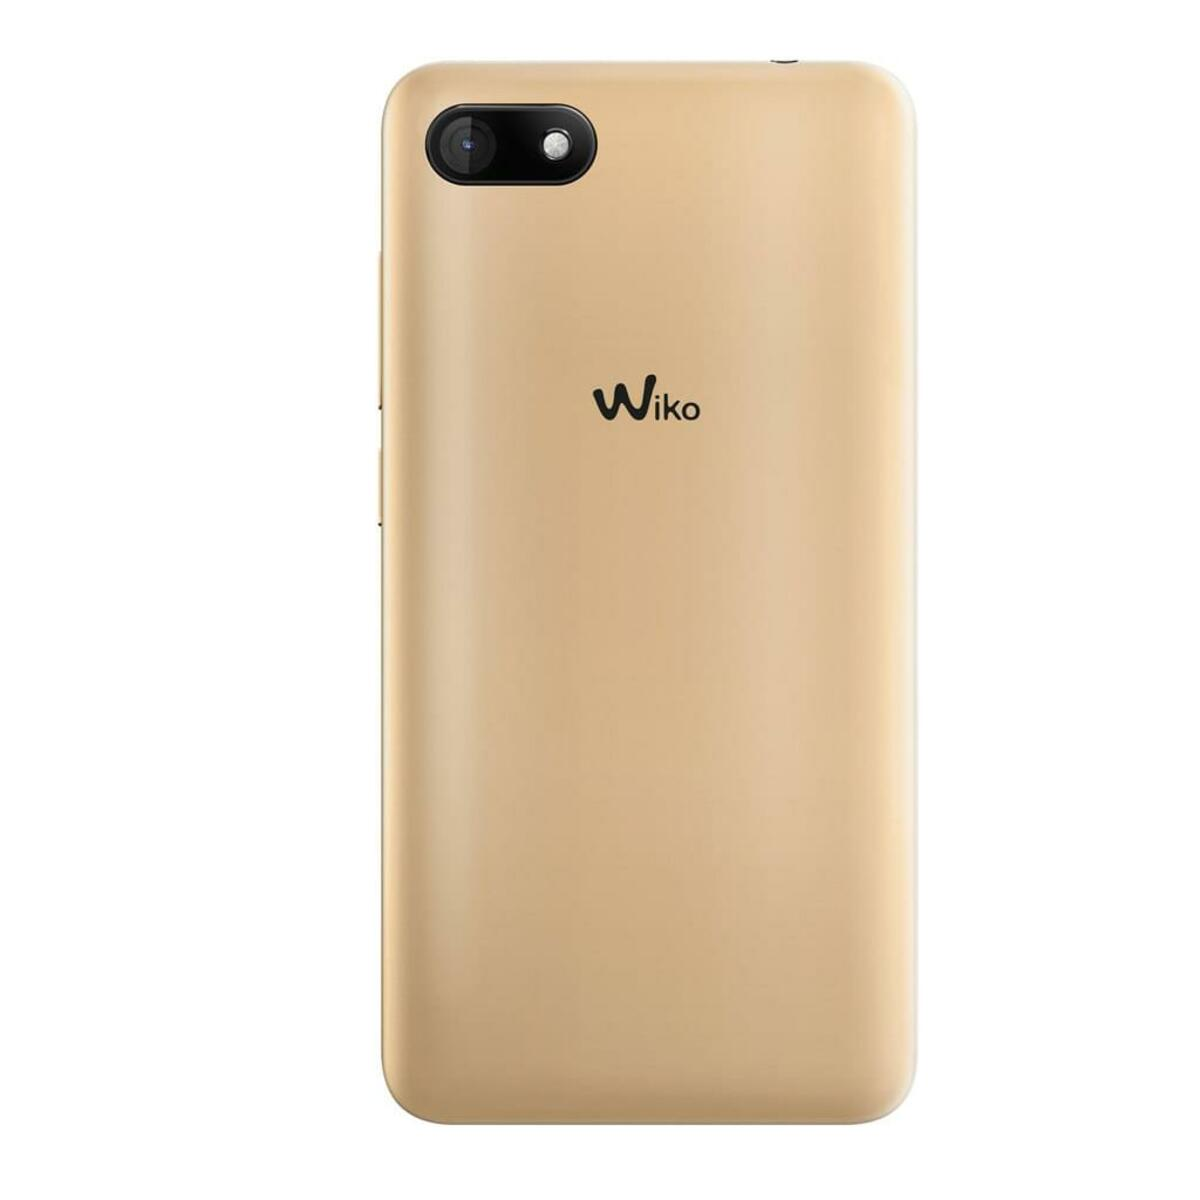 Bild 3 von Wiko Sunny3 Dual-SIM gold, Farbe:Gold